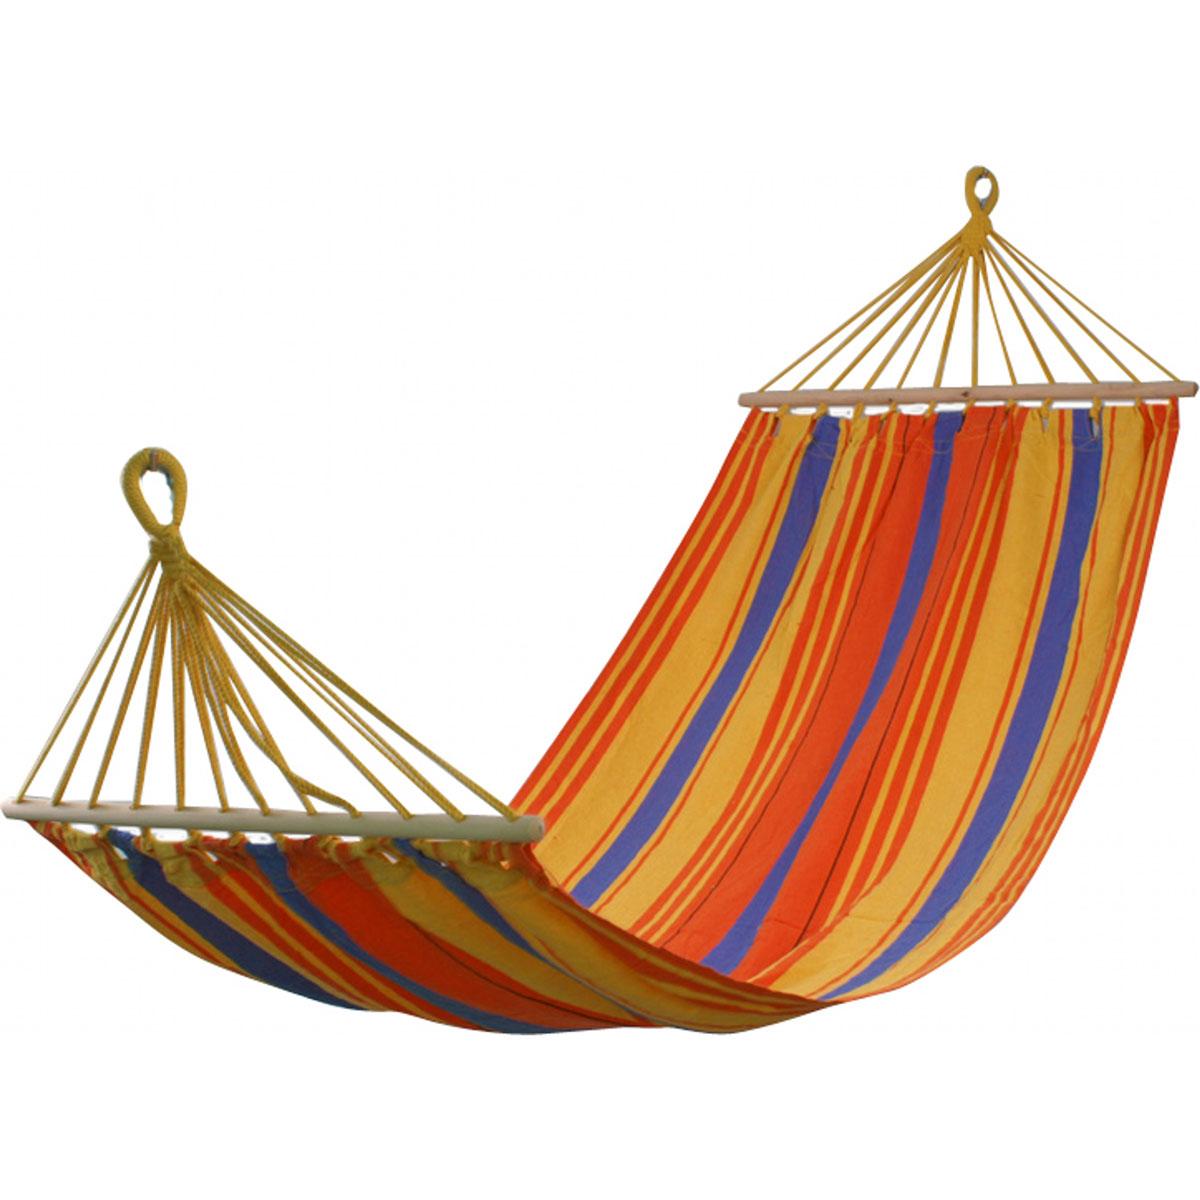 Гамак Бора-Бора, 100х200 см WILDMAN81-173Гамак – место для отдыха, кровать, парящая над землей, ему всегда будут рады и на приусадебном участке, и в доме, и в квартире. Гамаки способны сделать уютным и удобным любой летний отдых.Поход в лес – и качественный гамак-сетка станет местом для сна. Поездка за город – и он превратится в личный уголок, где можно полежать с книжкой, подремать, скрыться от суеты и солнца.